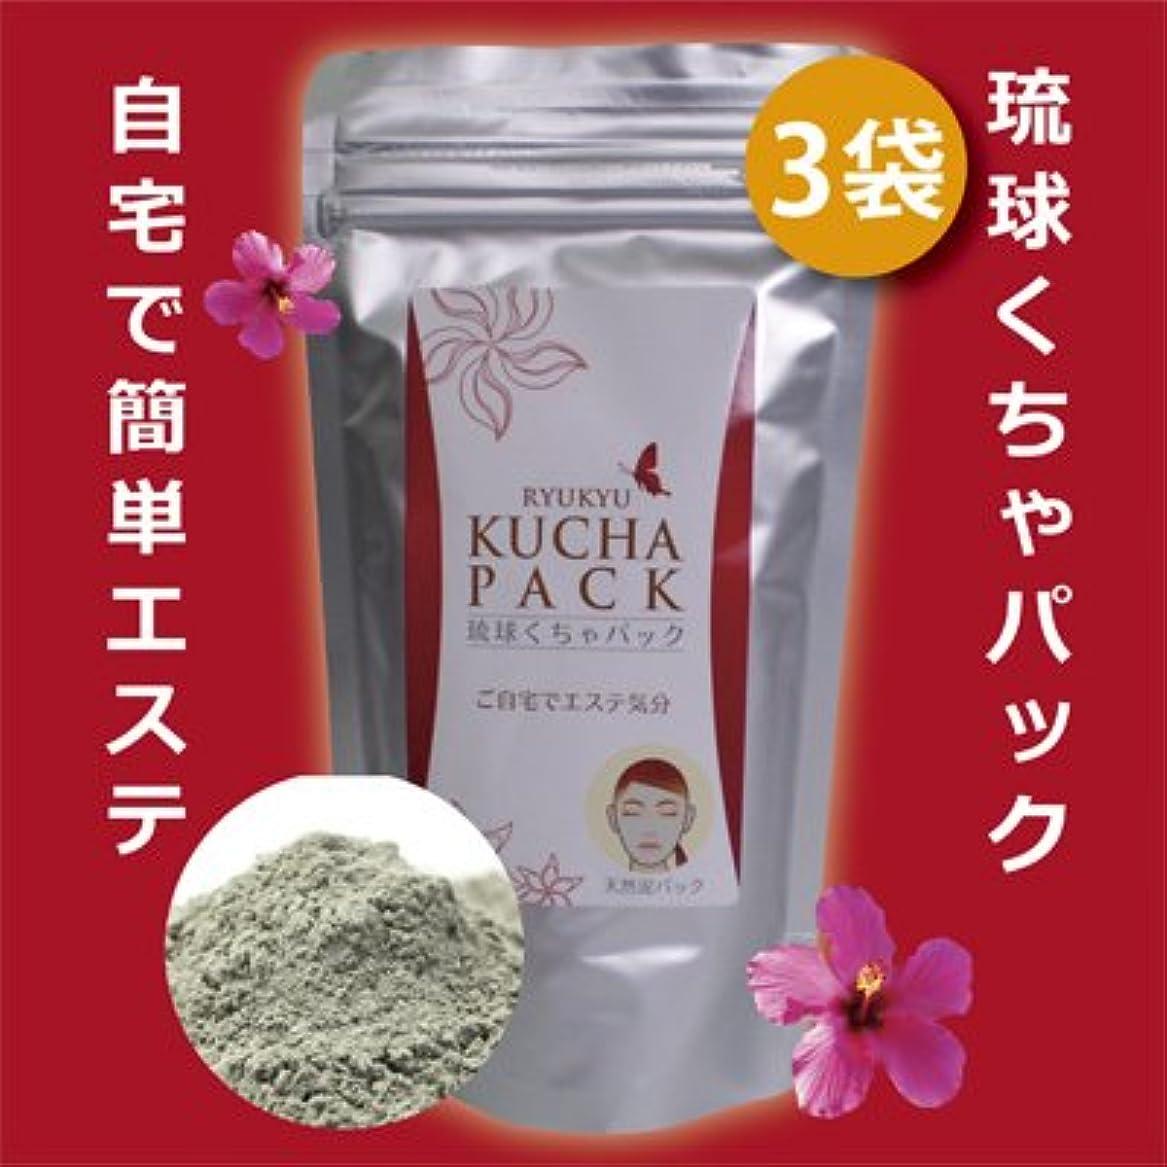 限りなく多様体超えて美肌?健康作り 月桃水を加えた使いやすい粉末 沖縄産 琉球くちゃパック 150g 3パック